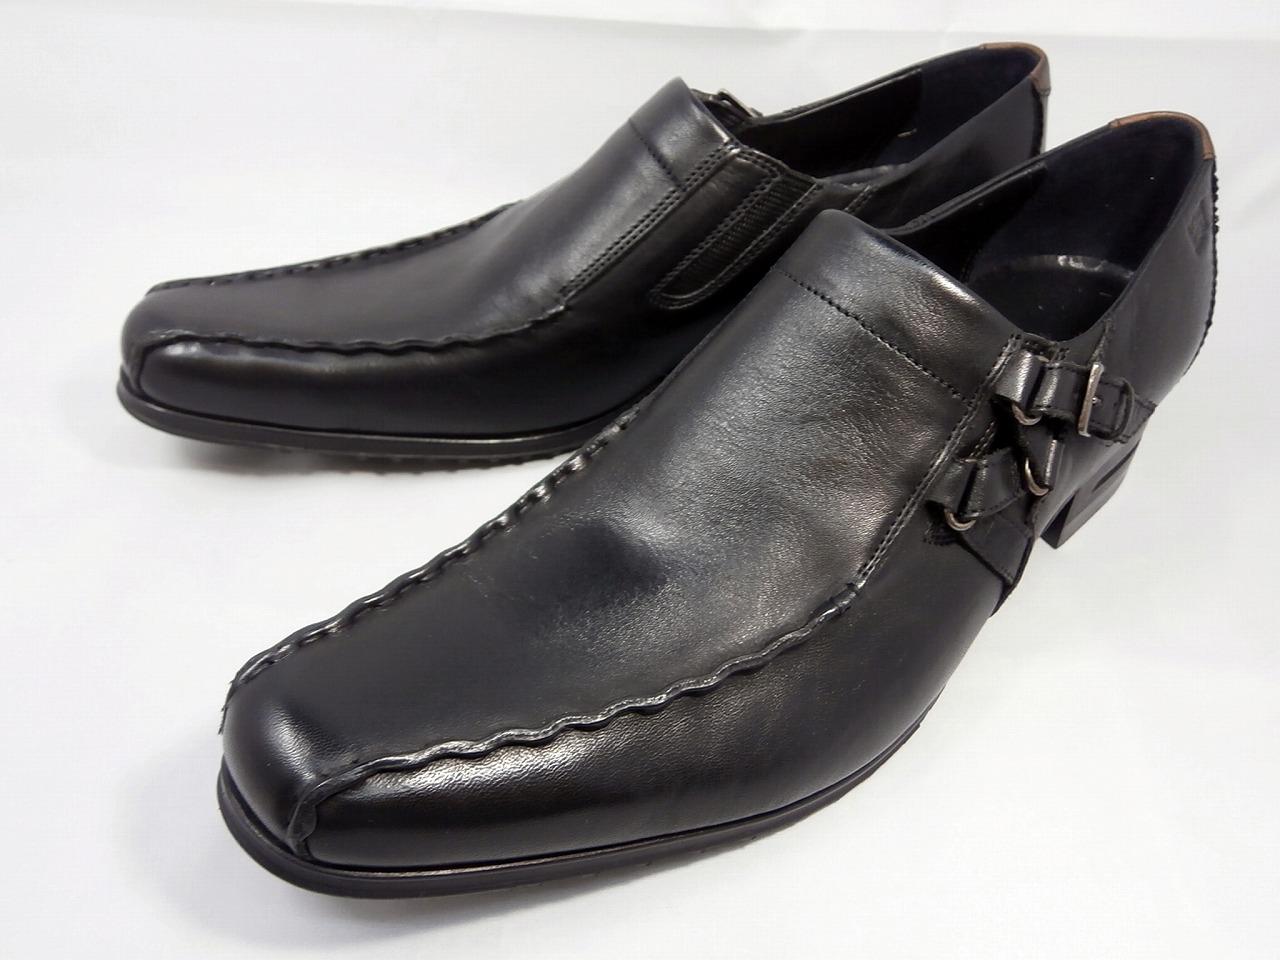 【17年秋モデル】 キャサリンハムネット 靴ビジネスシューズキップ革サイドベルトスワールモカ 31554(ブラック)KATHARINE HAMNETT メンズ 紳士靴